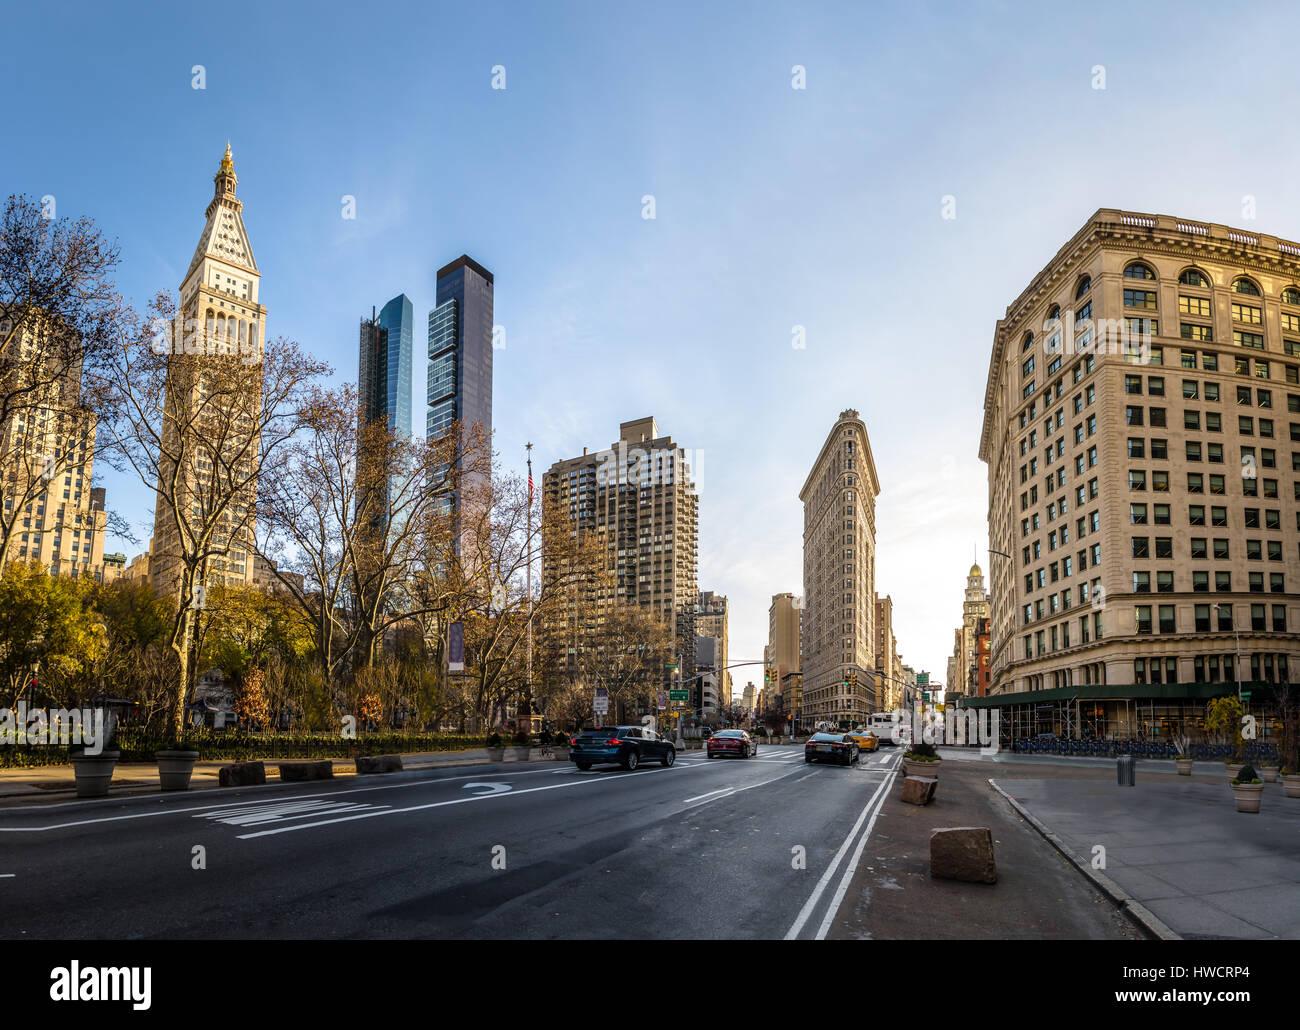 Buildings around Madison Square Park - New York City, USA - Stock Image